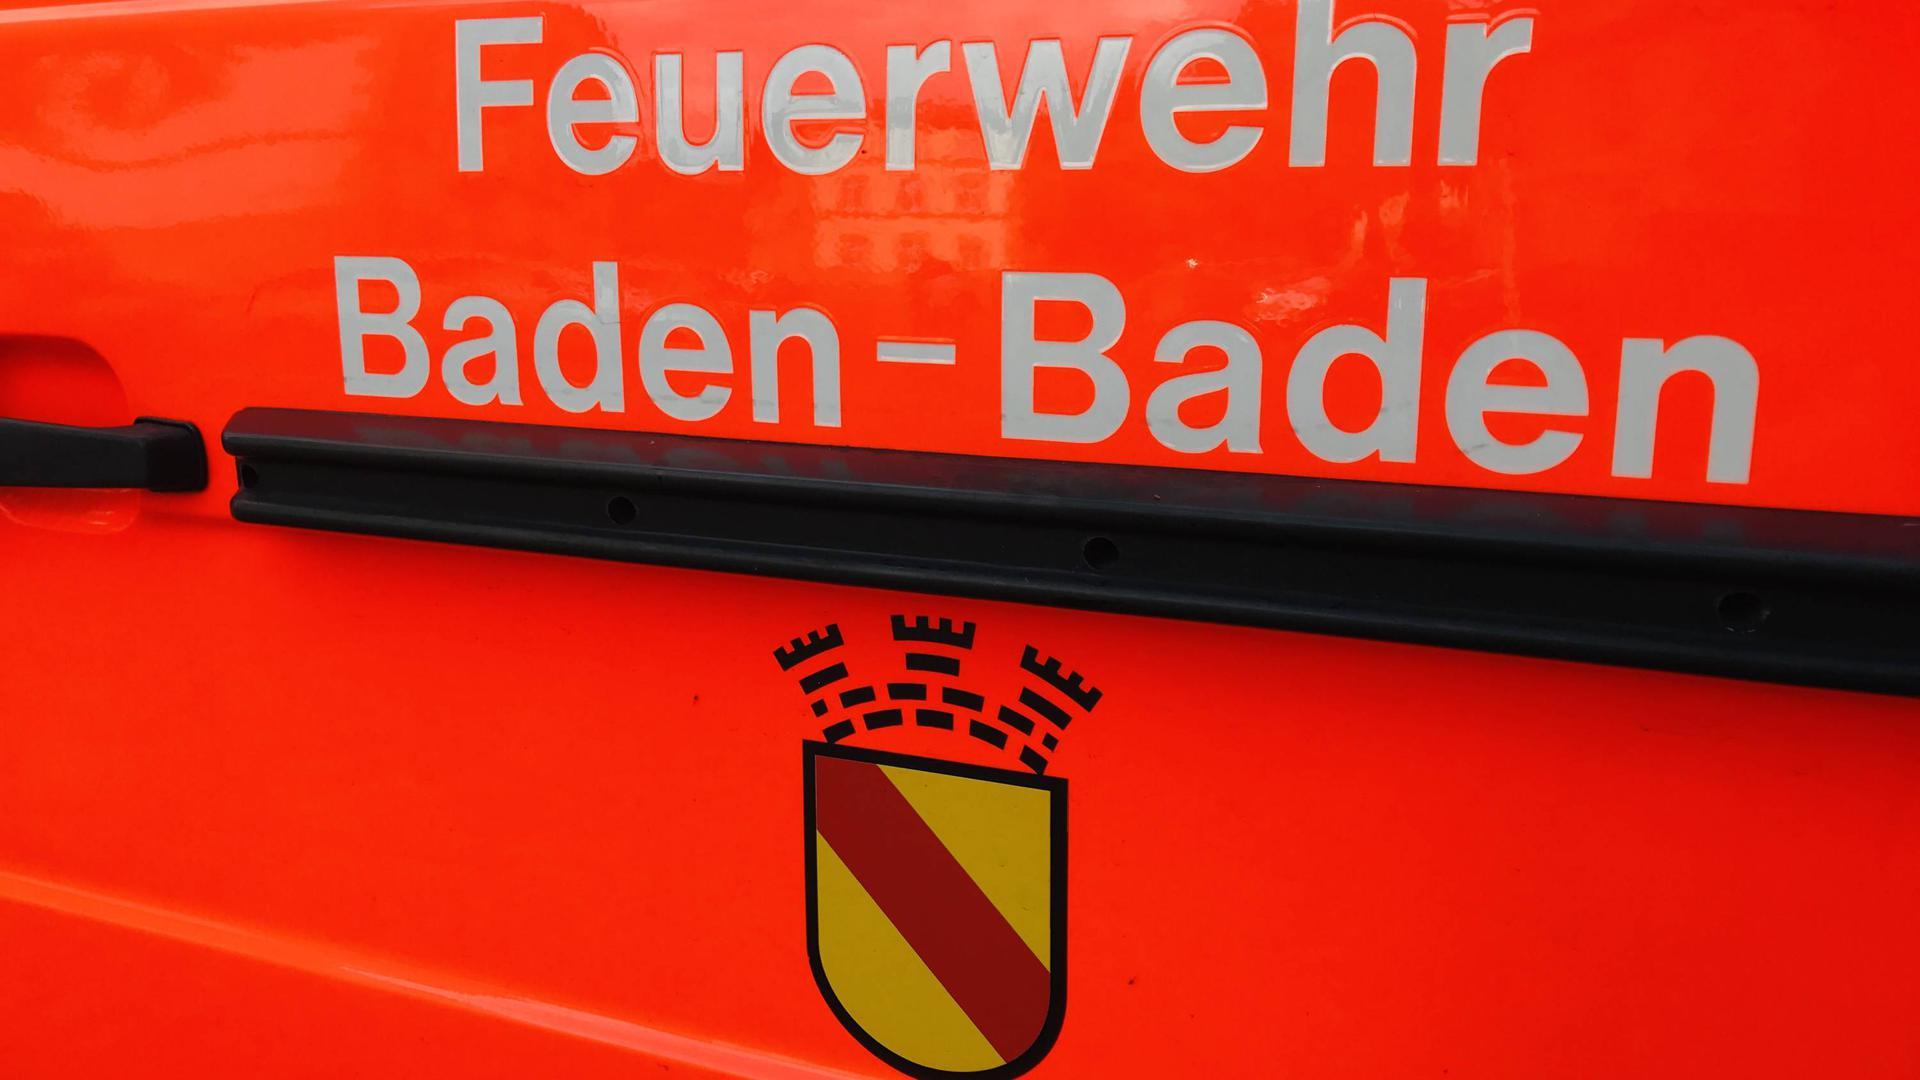 Ein rotes Feuerwehrauto trägt die Aufschrift Feuerwehr Baden-Baden